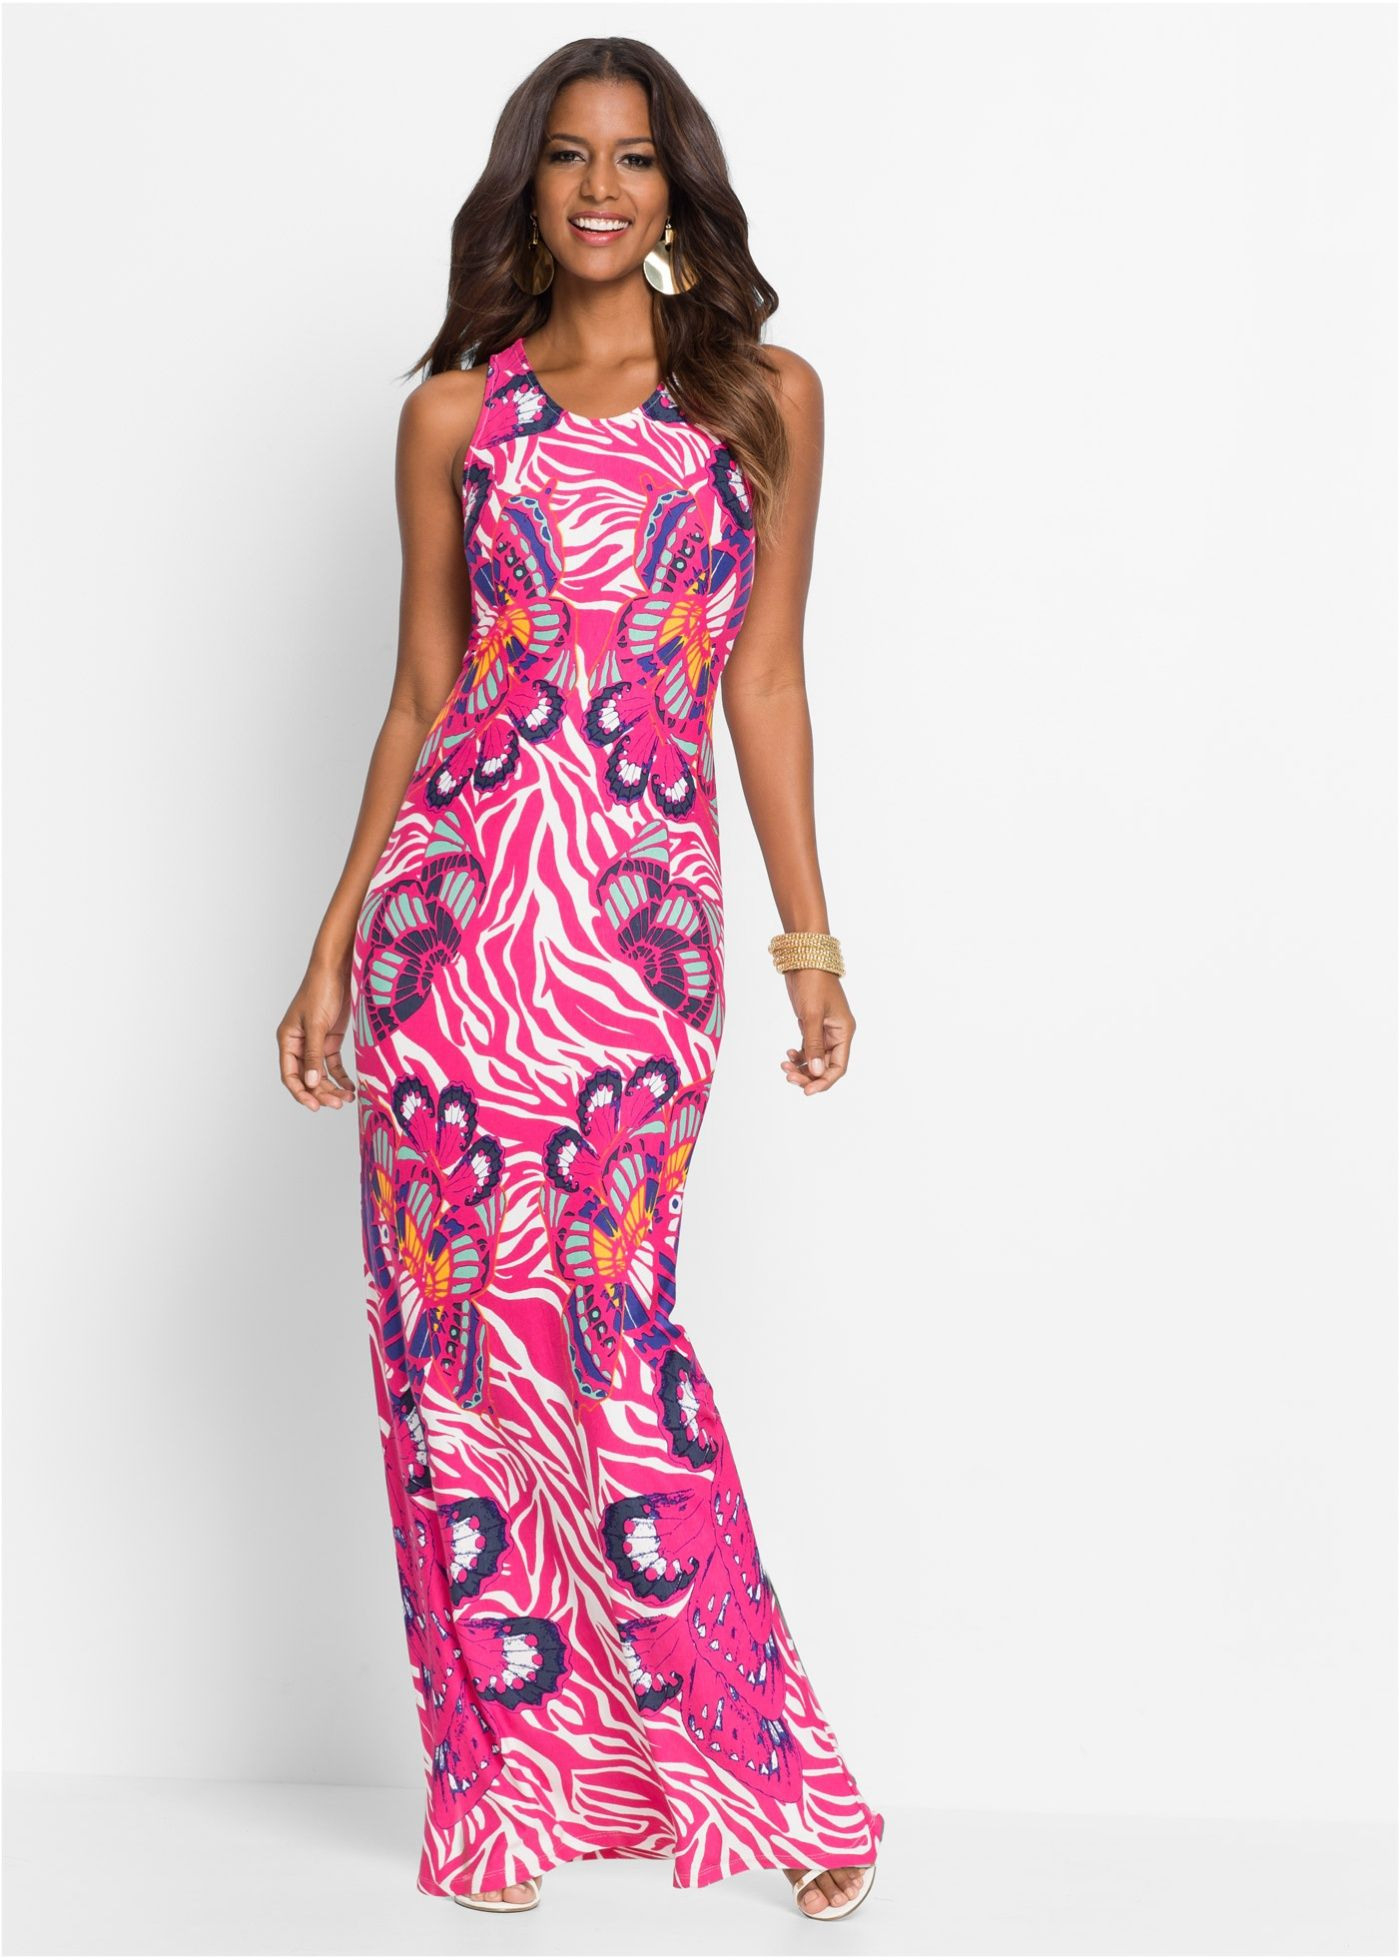 Kleid Bunt Rosa  Bodyflirt Boutique Jetzt Im Online Shop